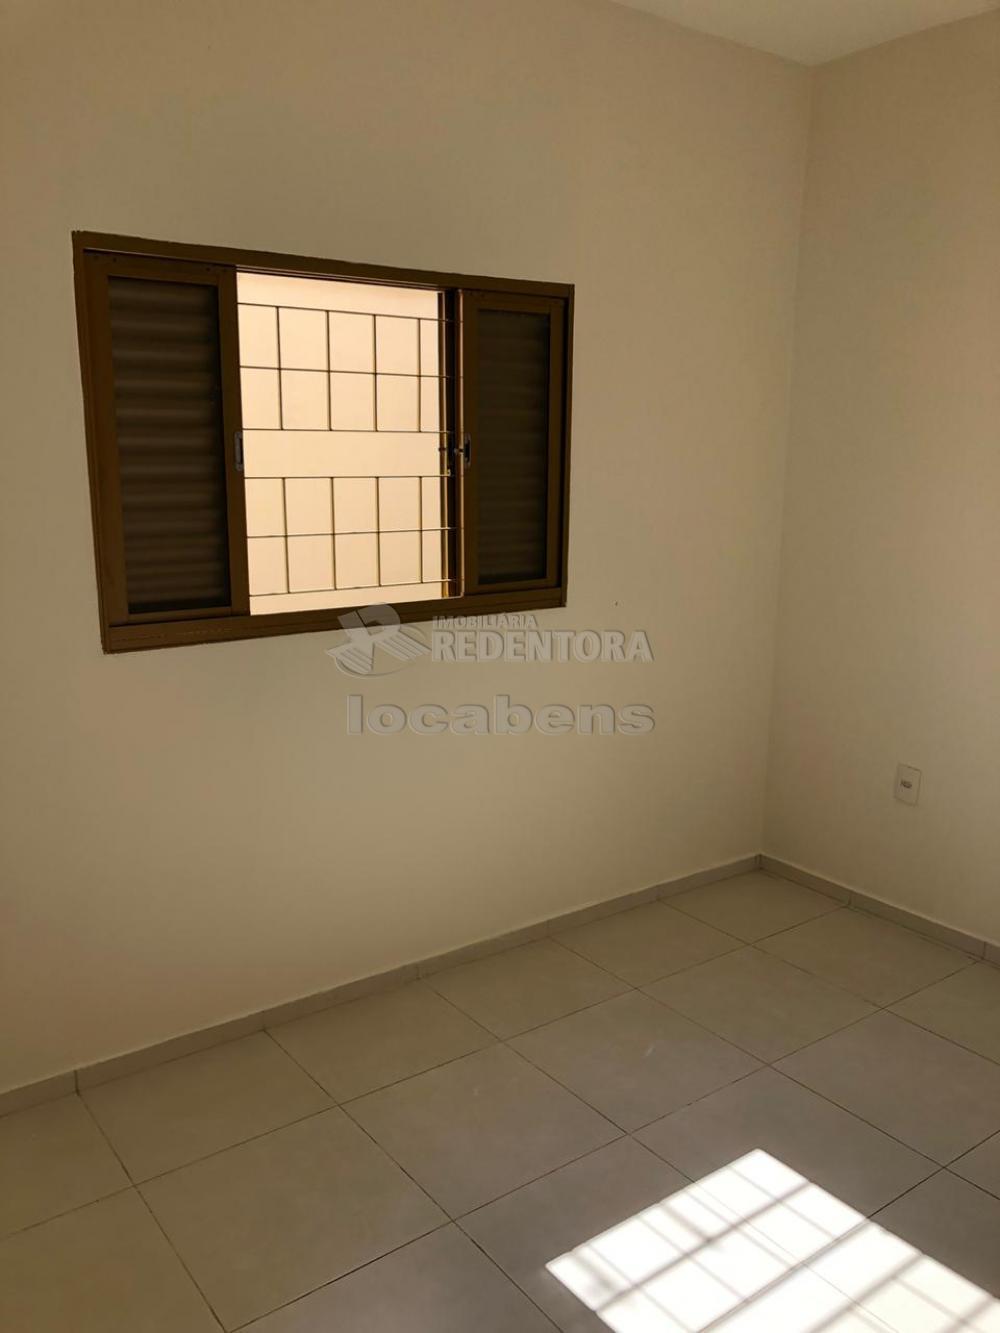 Comprar Casa / Padrão em São José do Rio Preto apenas R$ 300.000,00 - Foto 17